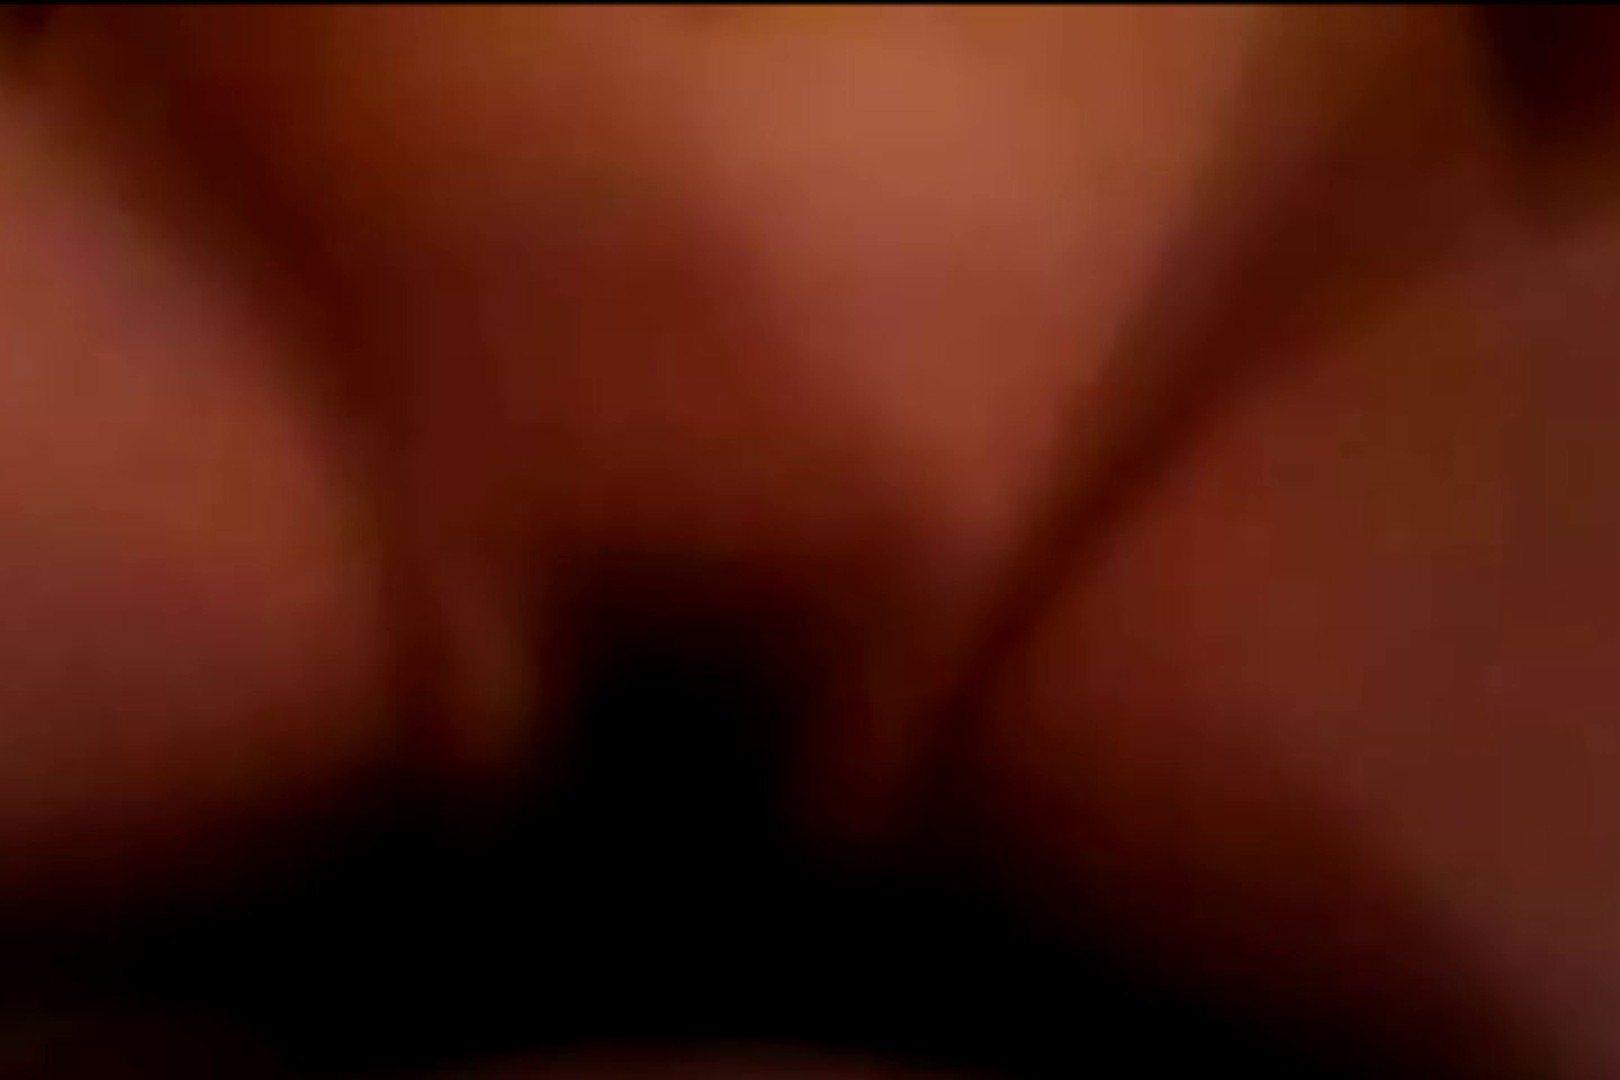 仁義なきキンタマ YAMAMOTOのアルバム フェラチオ  37連発 37